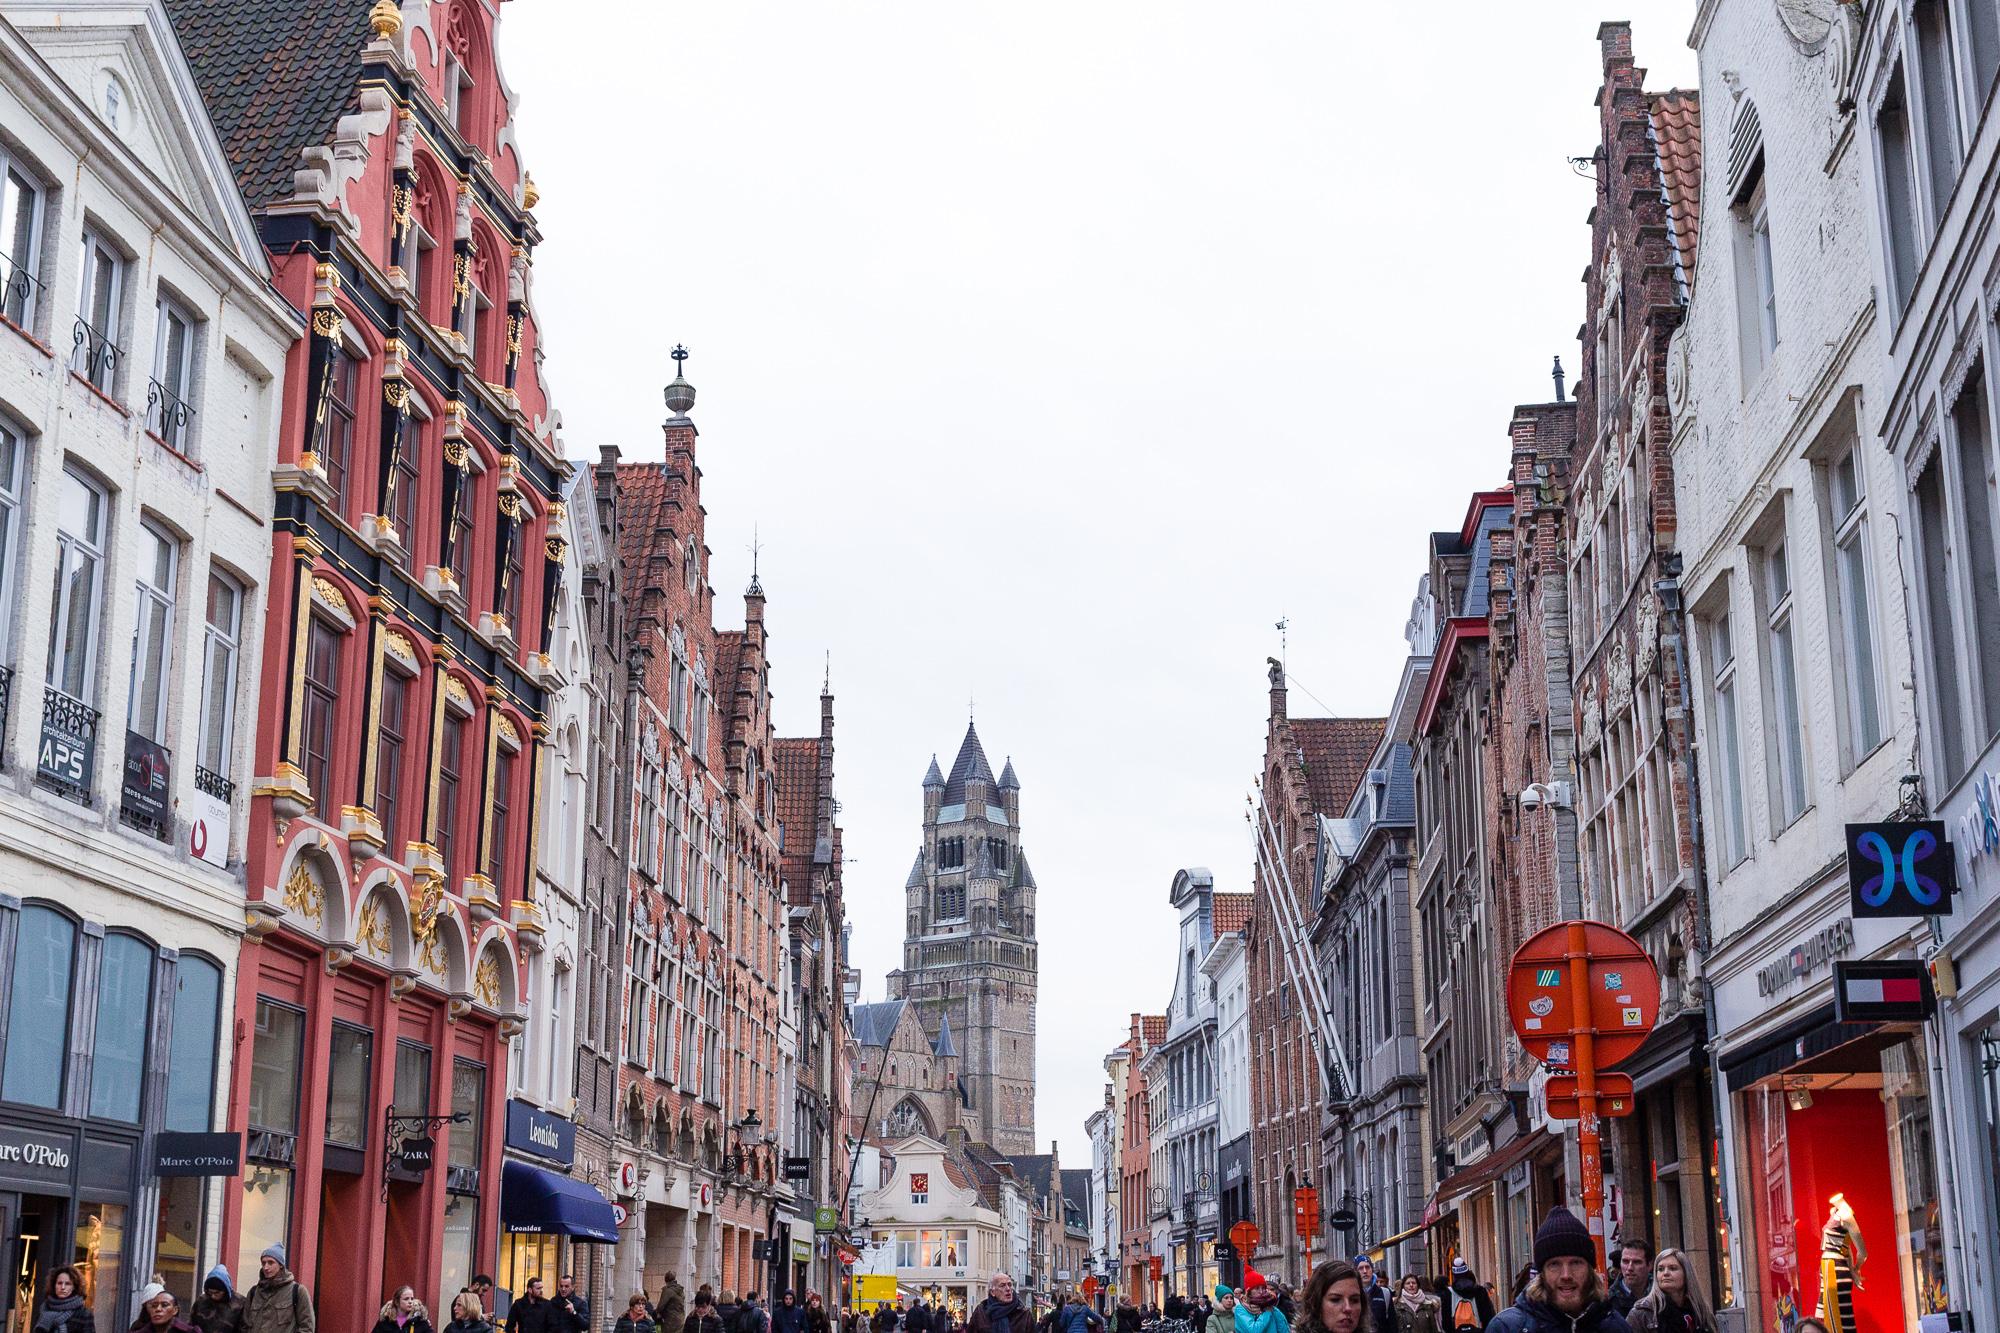 Steenstraat, maisons brugeoises et clocher de la cathédrale Saint-Sauveur de Bruges, Belgique